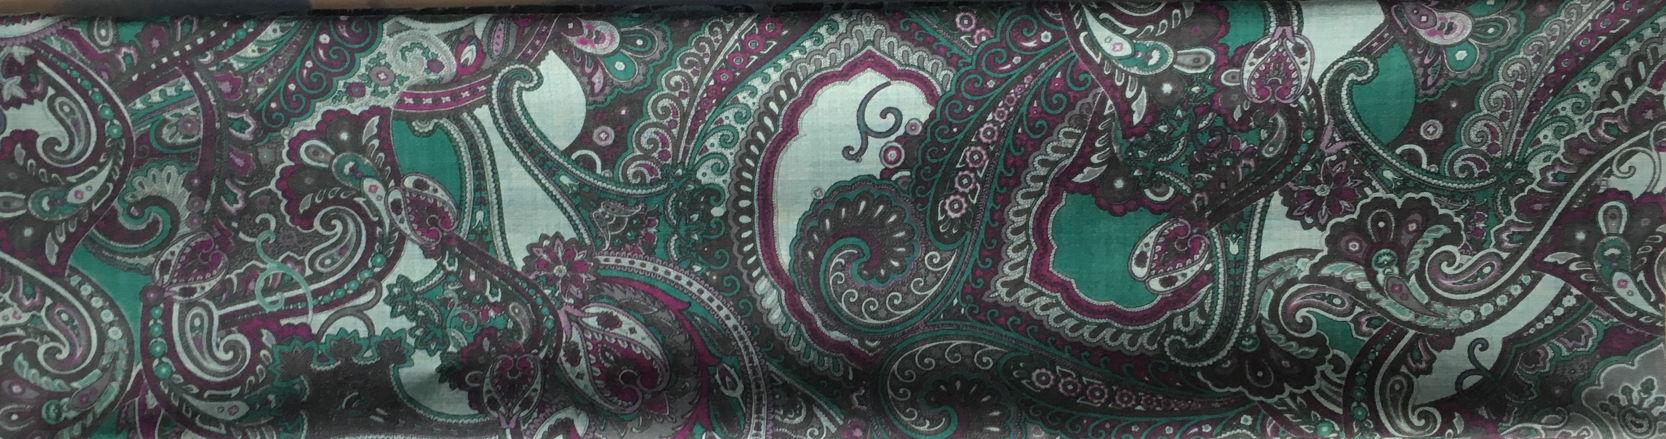 Снуд-шарф из шерстяной ткани